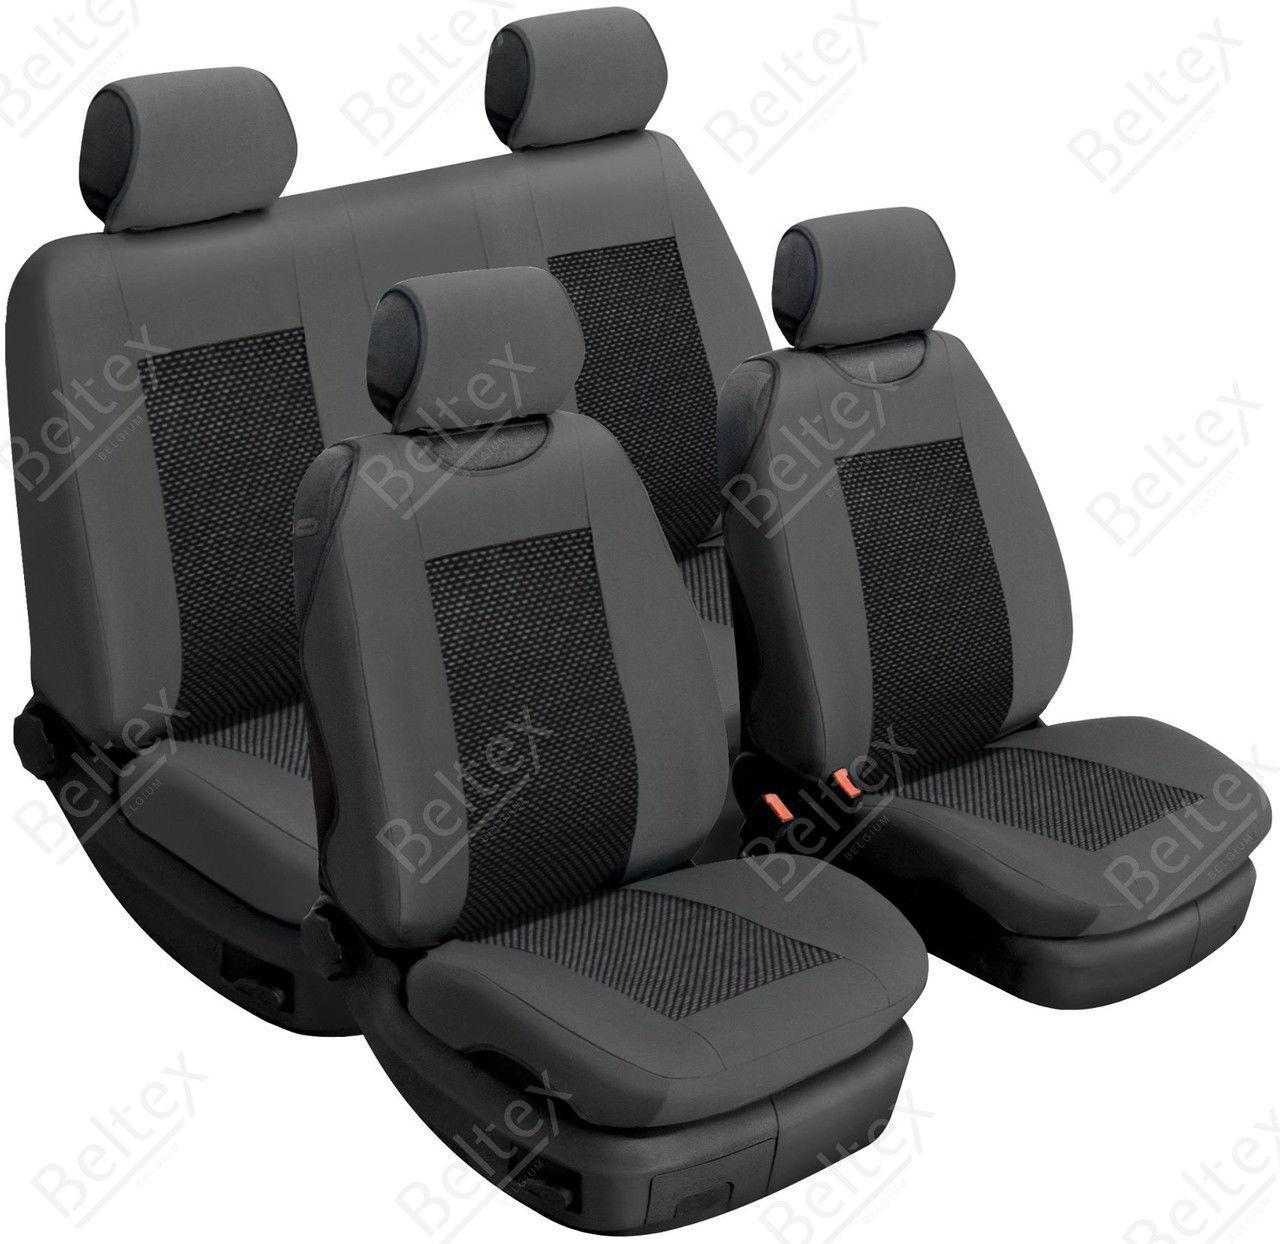 Майки/чехлы на сиденья Тойота ЛС Прадо 150 рестайлинг (Toyota LC Prado 150 restyle)